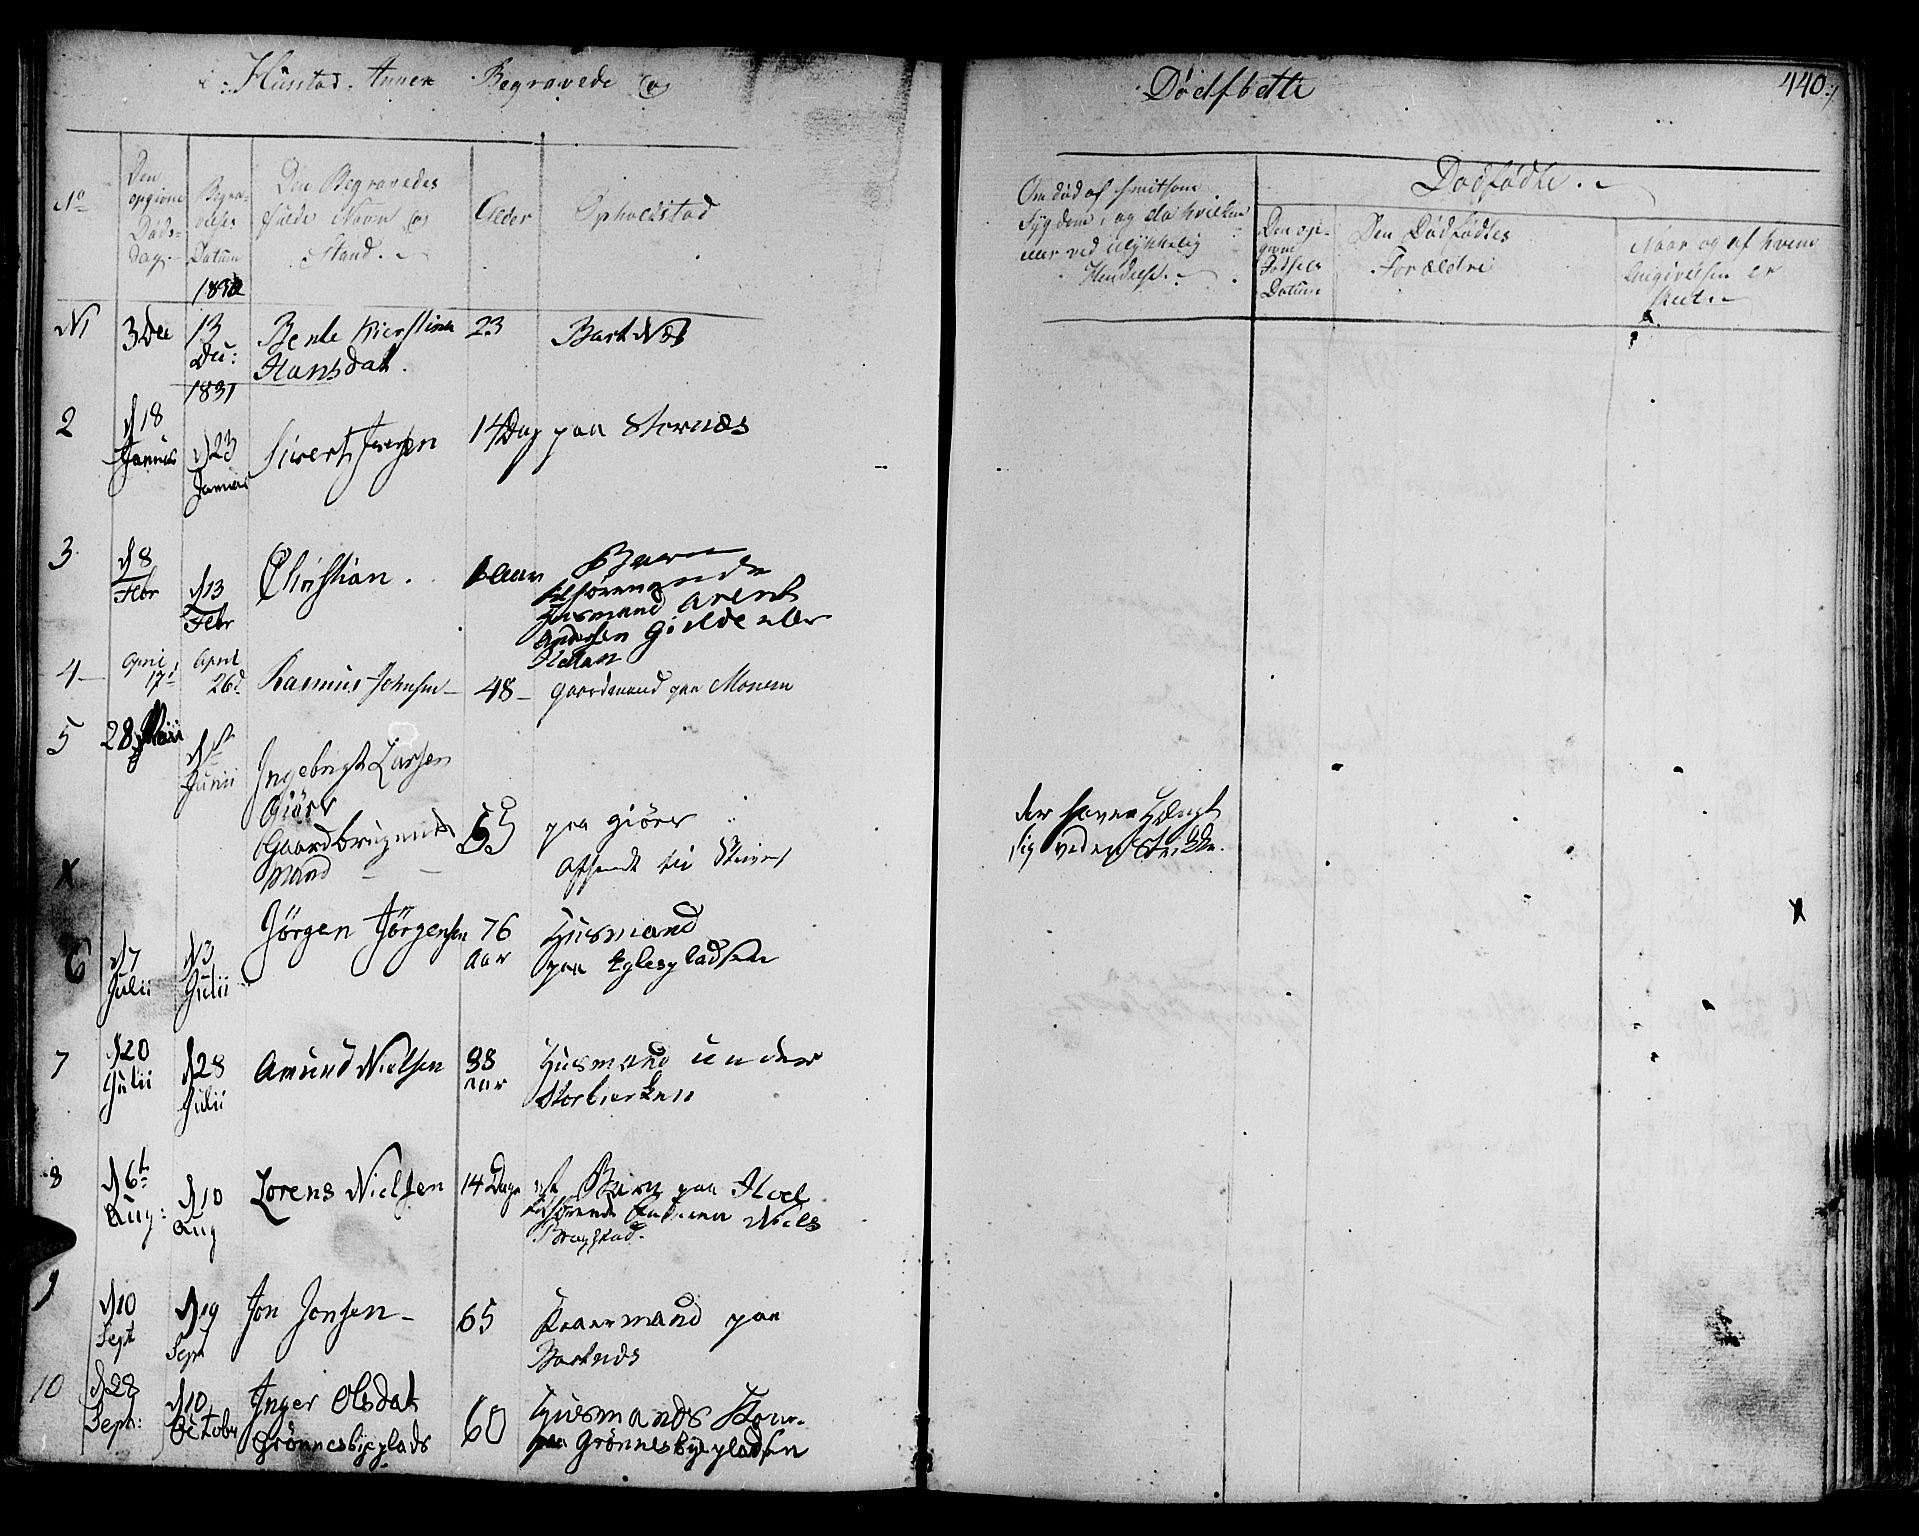 SAT, Ministerialprotokoller, klokkerbøker og fødselsregistre - Nord-Trøndelag, 730/L0277: Ministerialbok nr. 730A06 /3, 1830-1839, s. 440